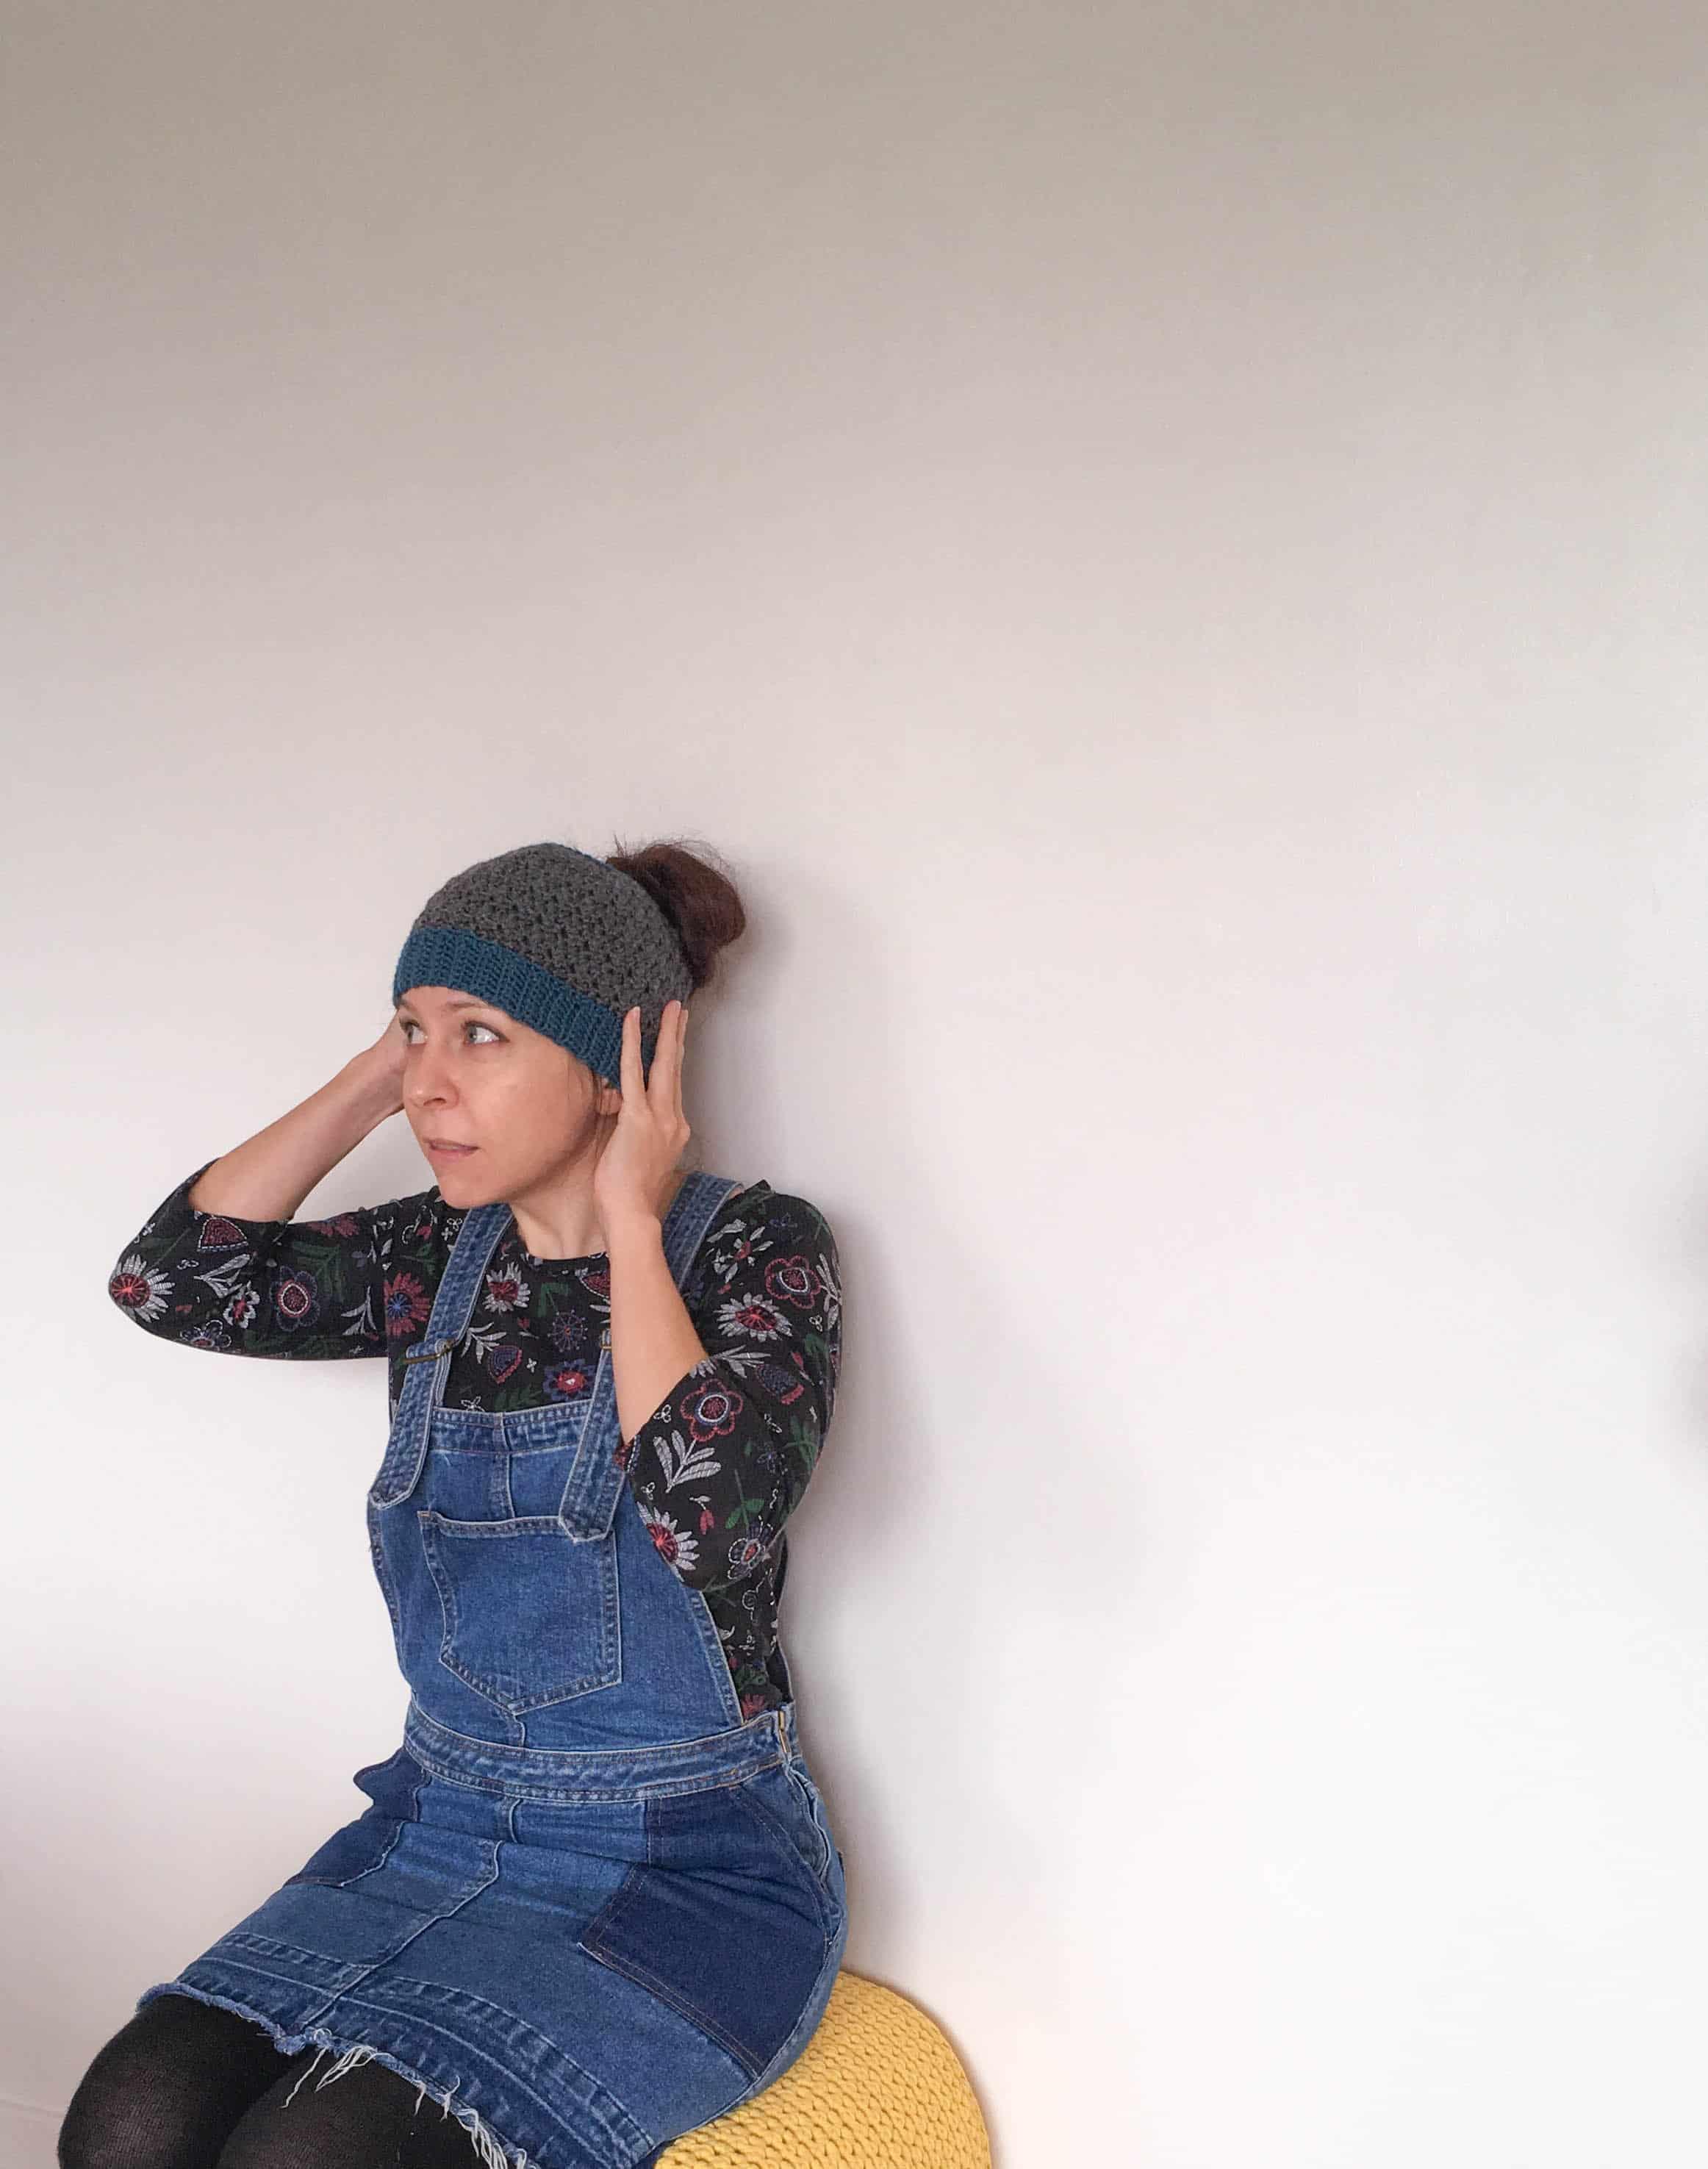 Crochet messy Bun Hat from doradoes.co.uk